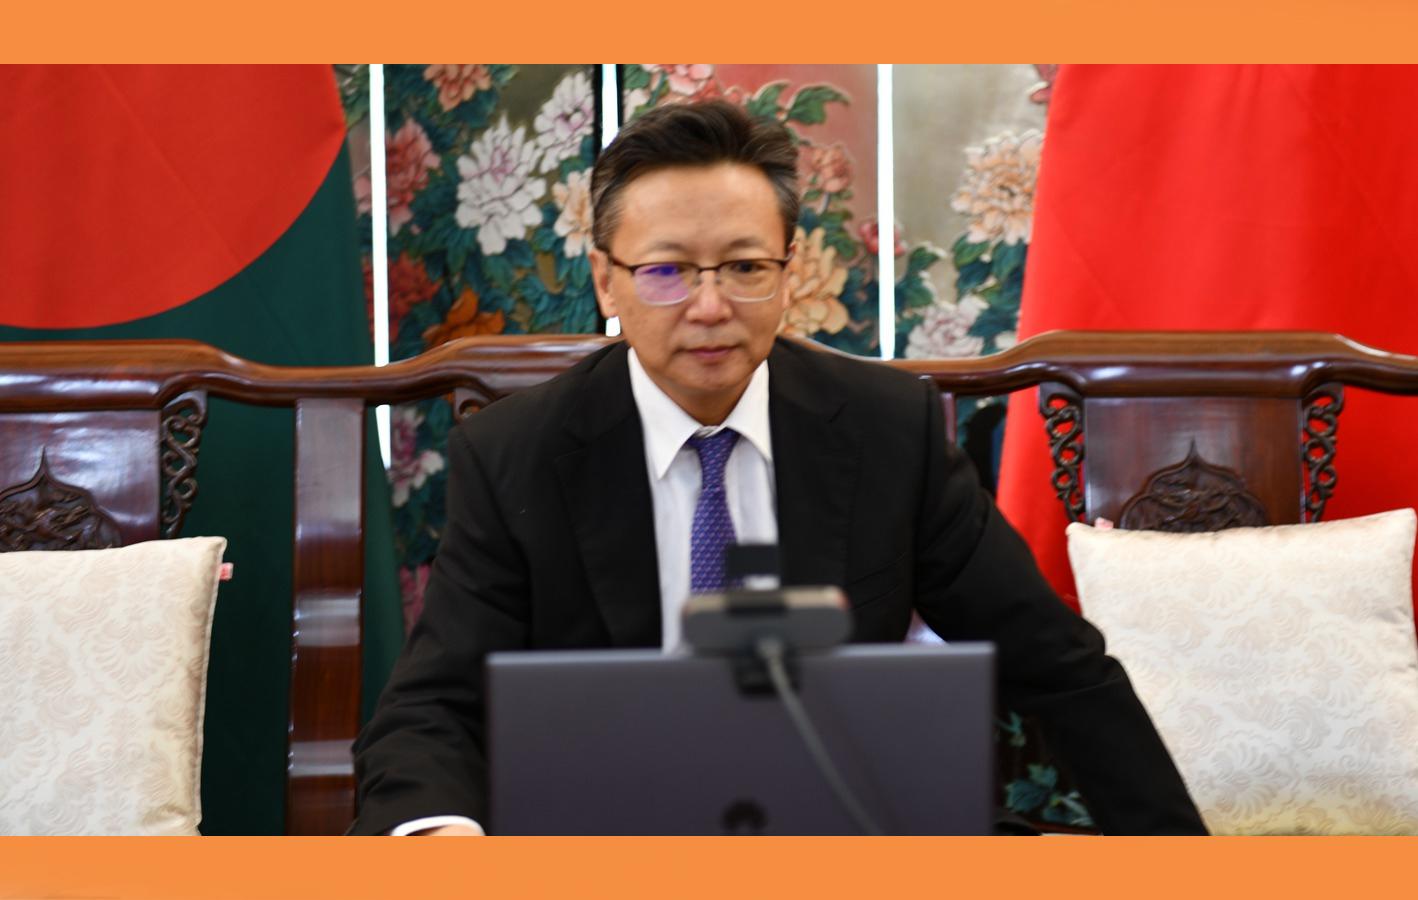 🇧🇩 বাংলাদেশ কোয়াডে যোগ দিলে ক্ষতি হবে ঢাকা-বেইজিং সম্পর্কের ক্ষতি হবে : চীনা রাষ্ট্রদূত